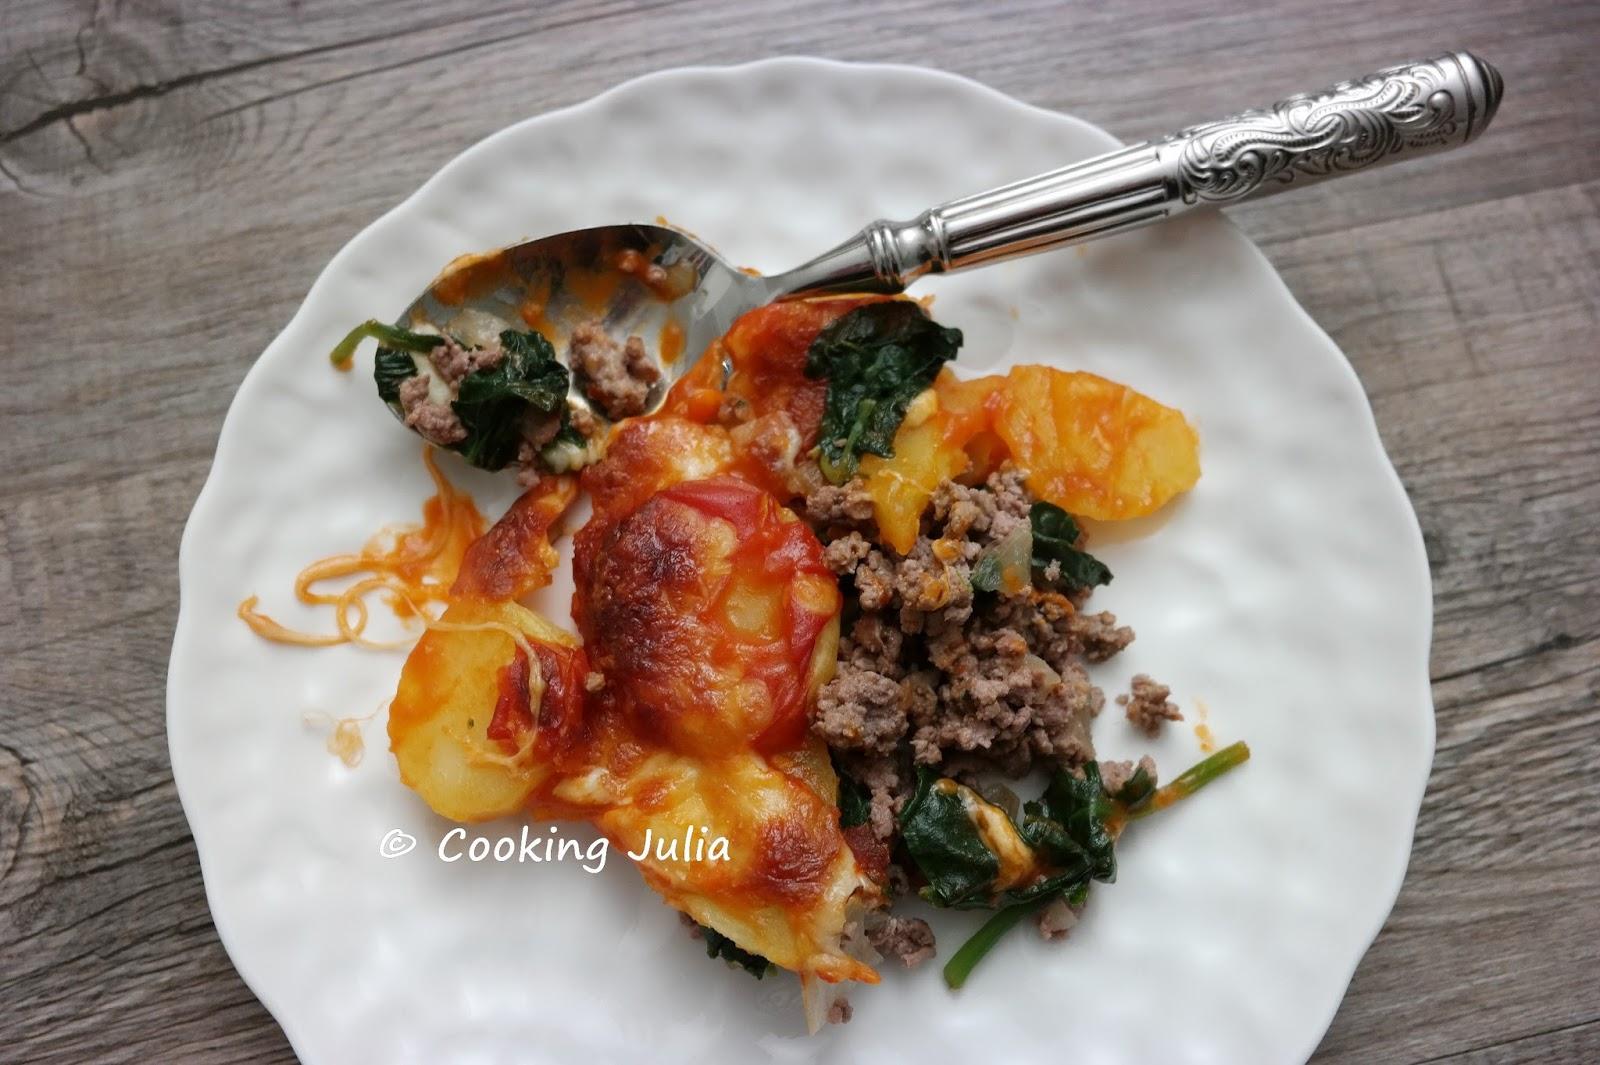 cooking julia gratin de b uf hach aux pommes de terre. Black Bedroom Furniture Sets. Home Design Ideas